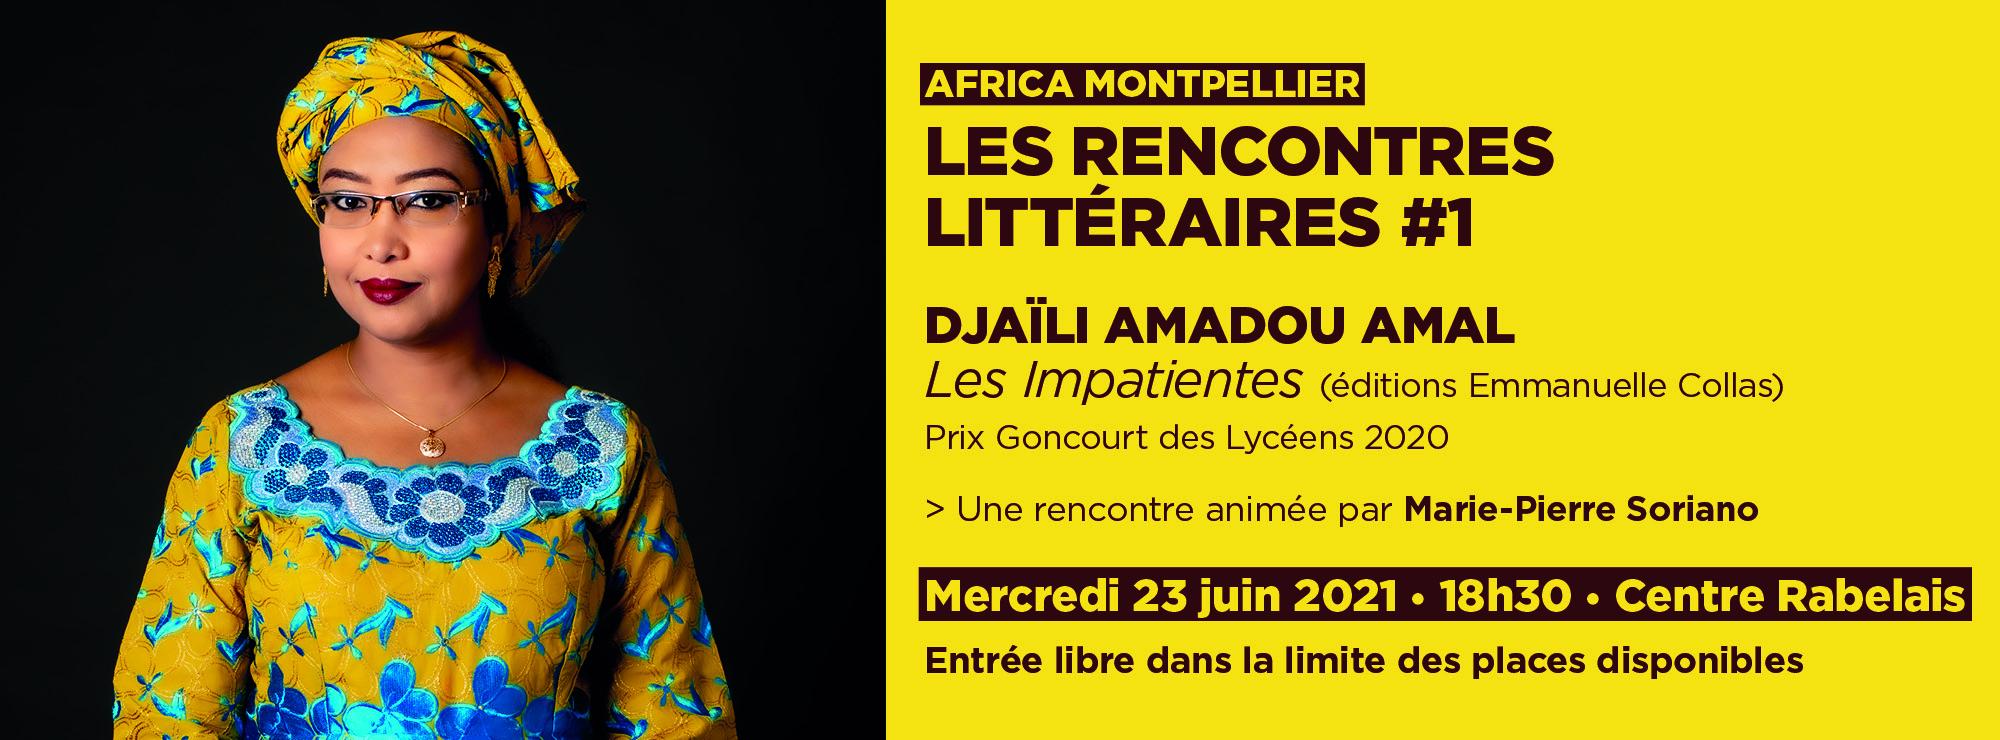 Rencontre Montpellier : comment rencontrer des Montpelliérains ?